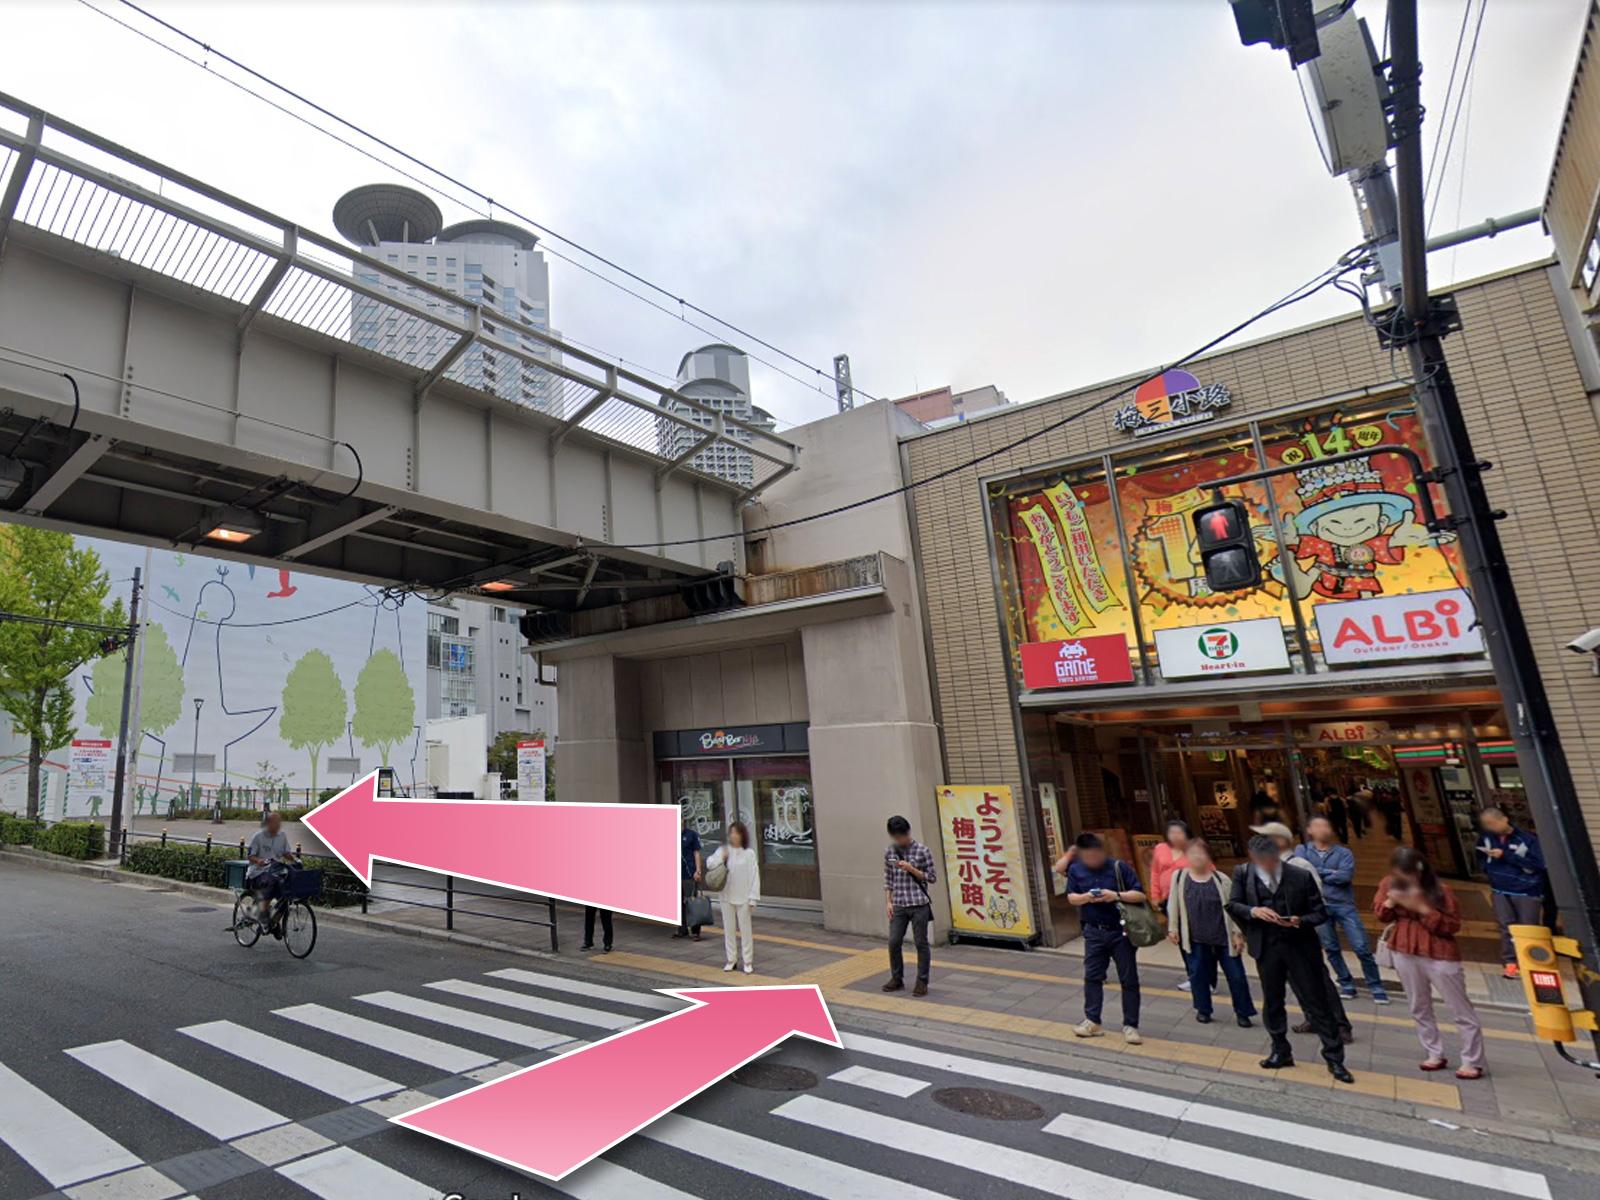 東京中央美容外科梅田院大阪駅ルート02